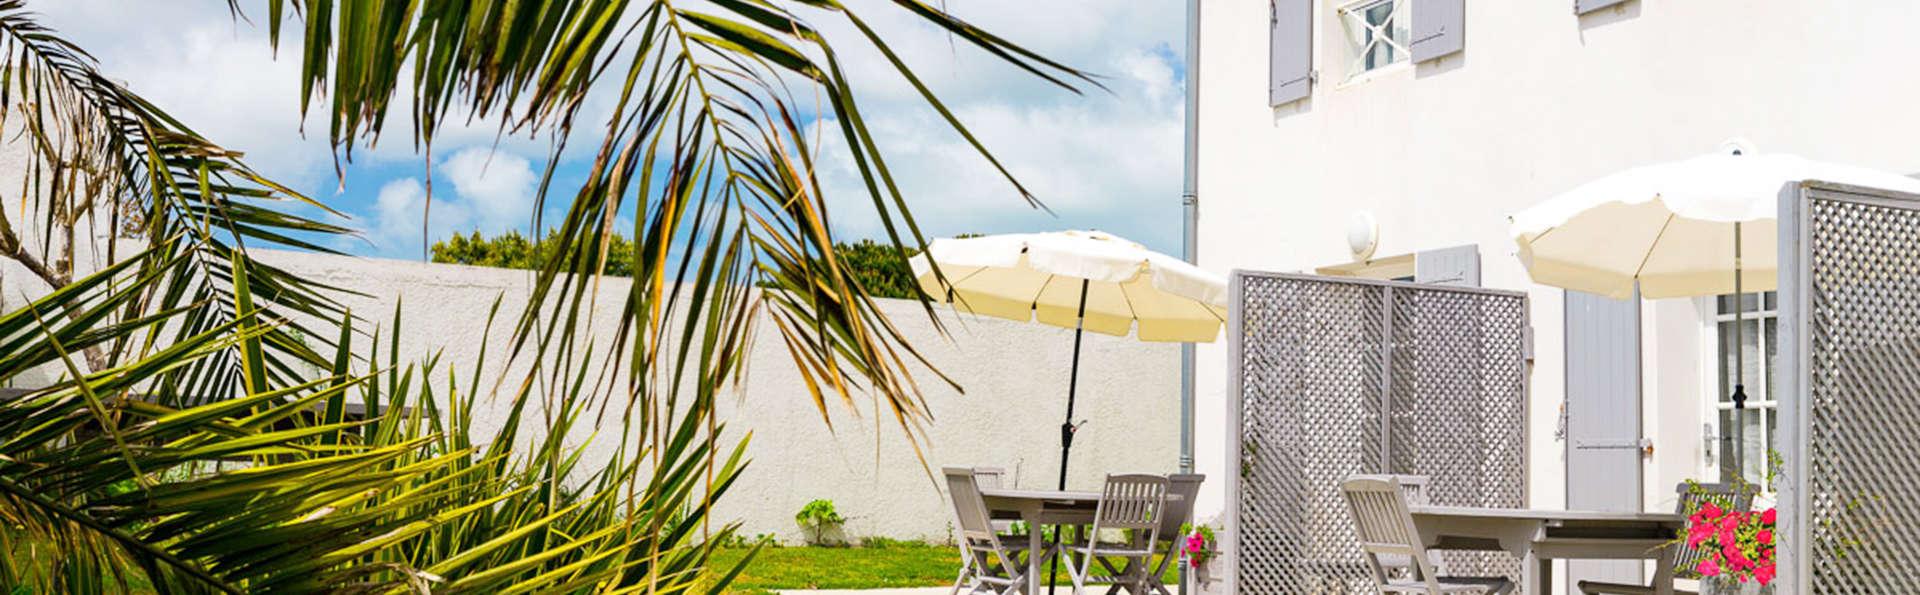 Appart'hôtel Perle de Ré - EDIT_exterior.jpg